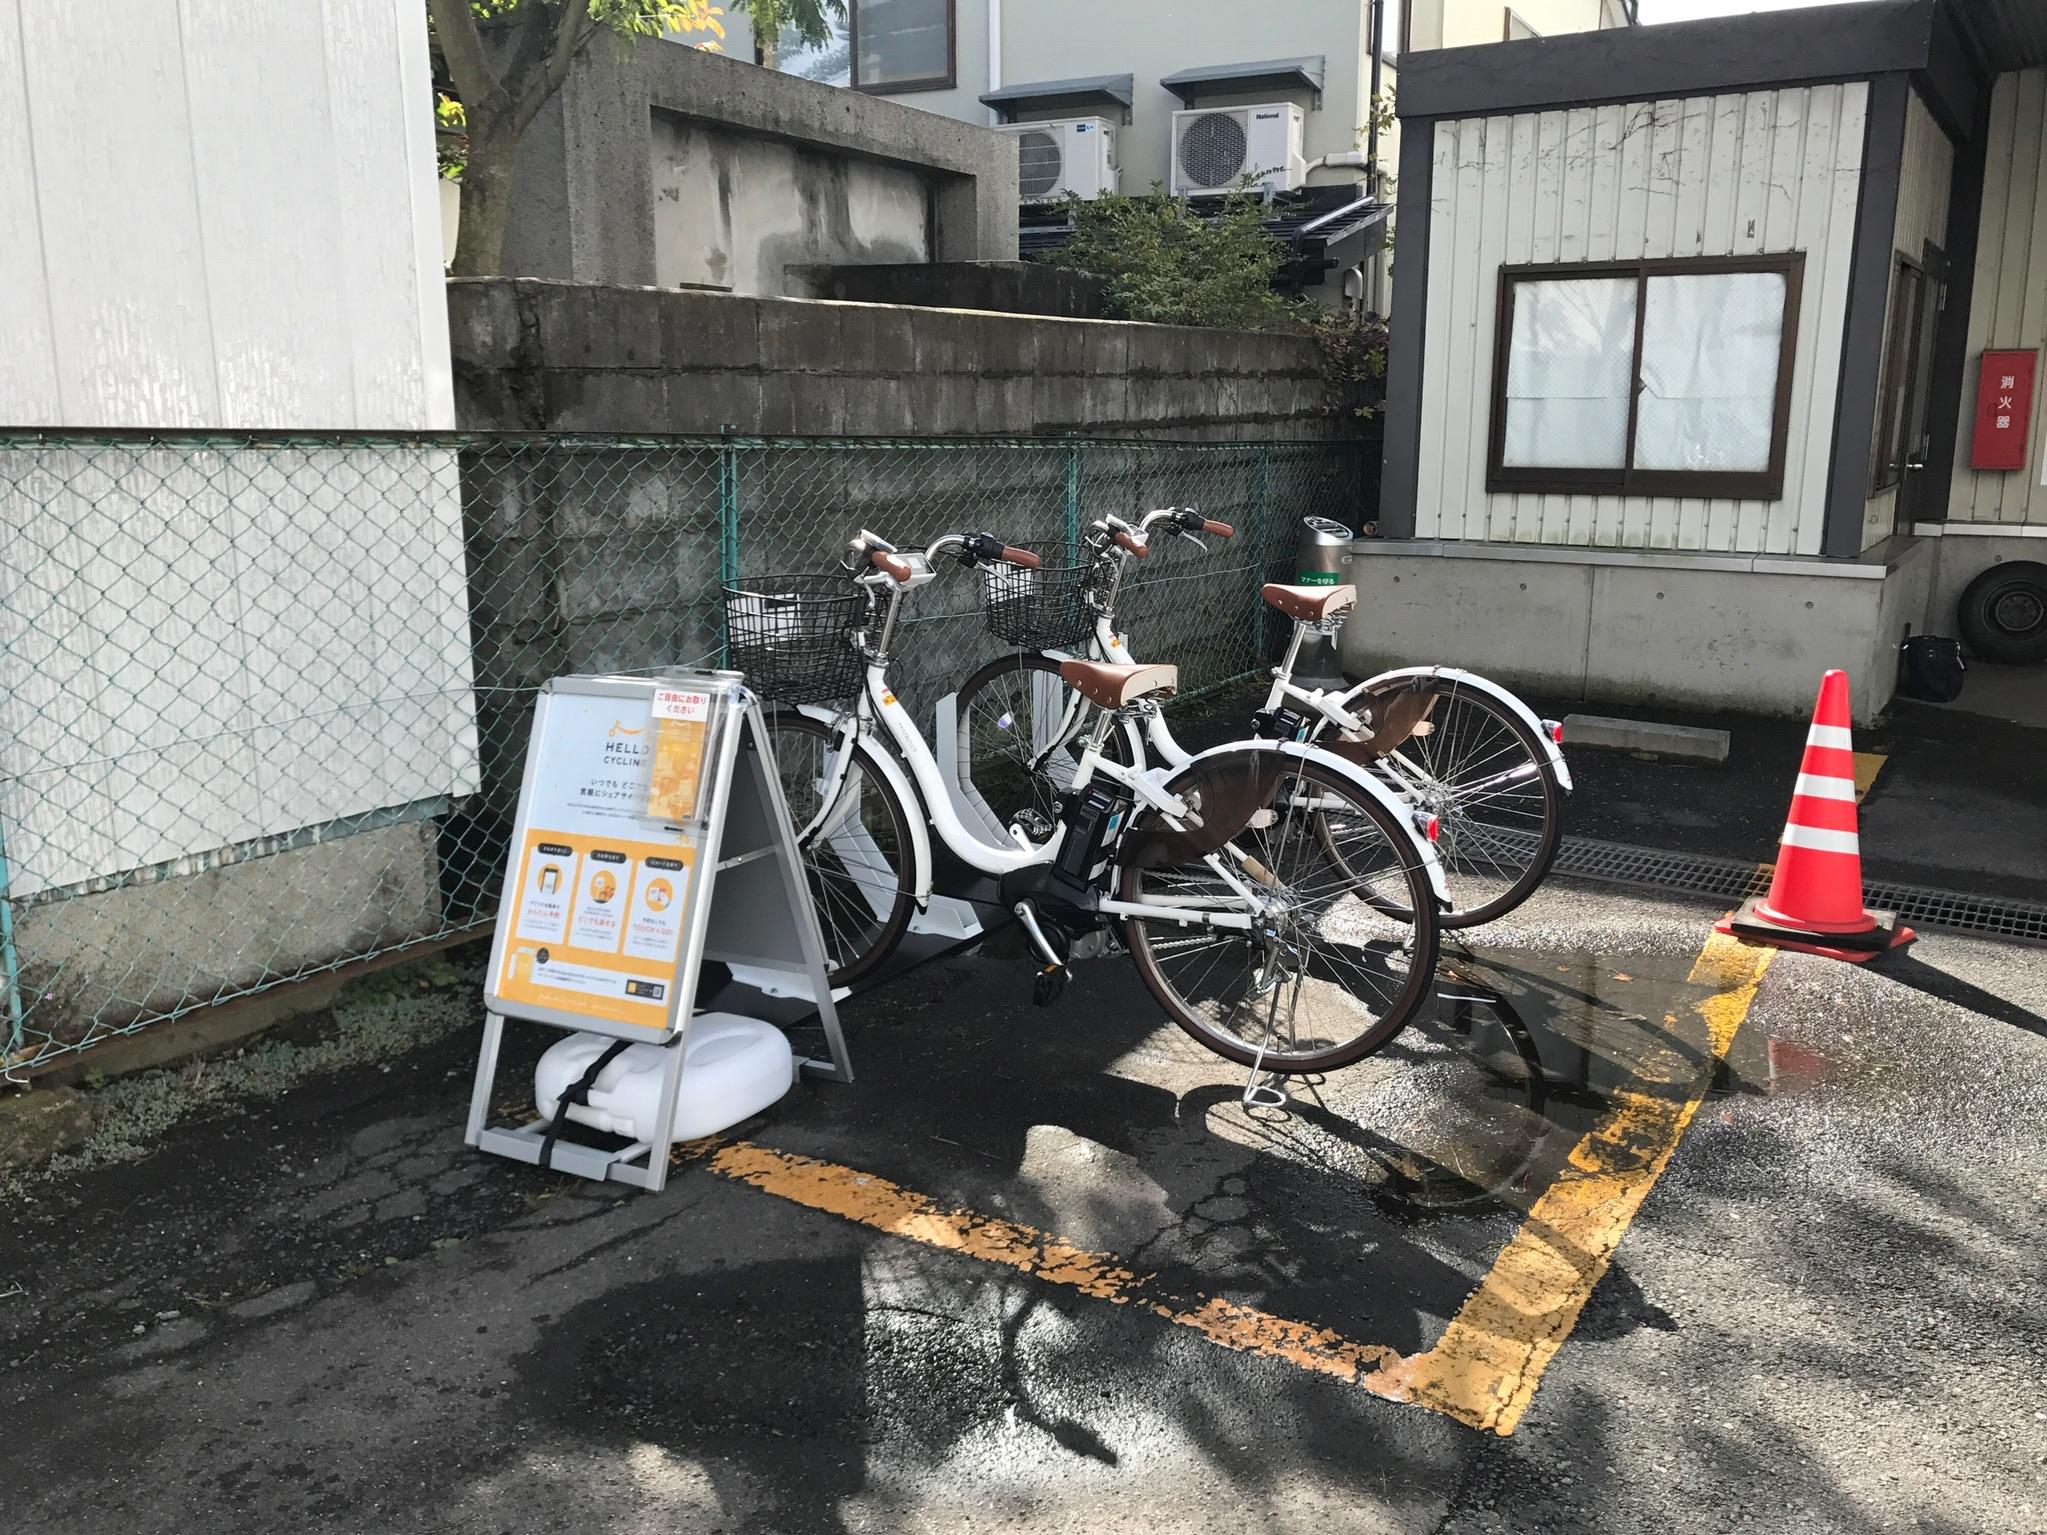 材木町商店街 (HELLO CYCLING ポート) image